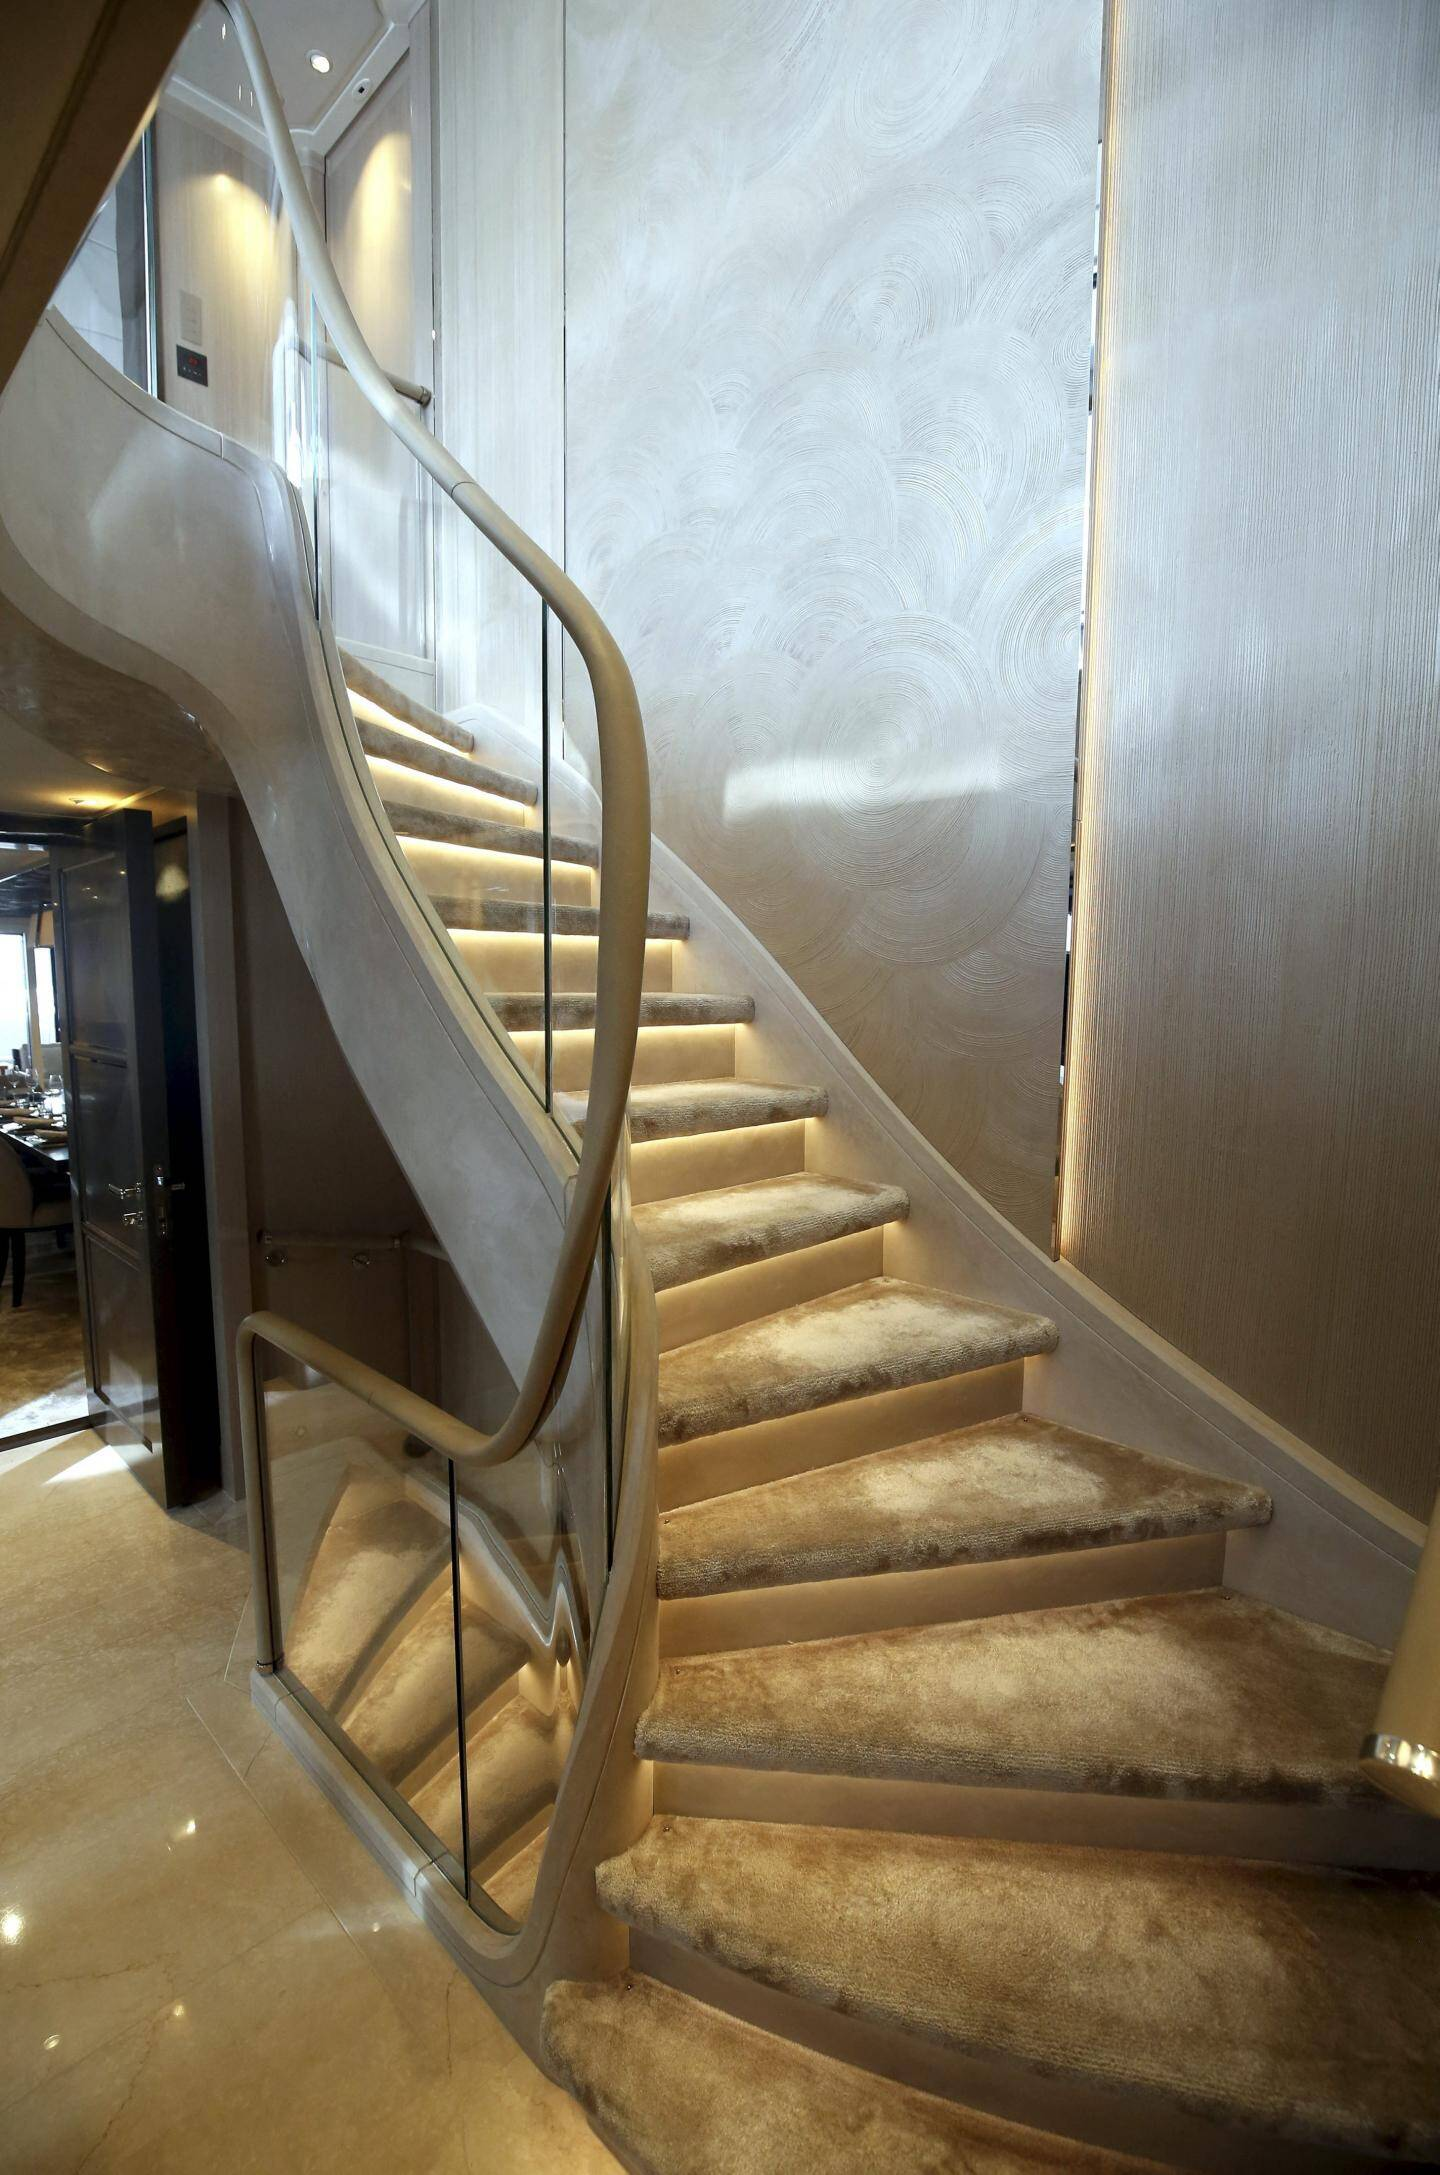 Cet escalier en aluminium et en plâtre orné d'une balustrade en verre trempé dessert trois étages